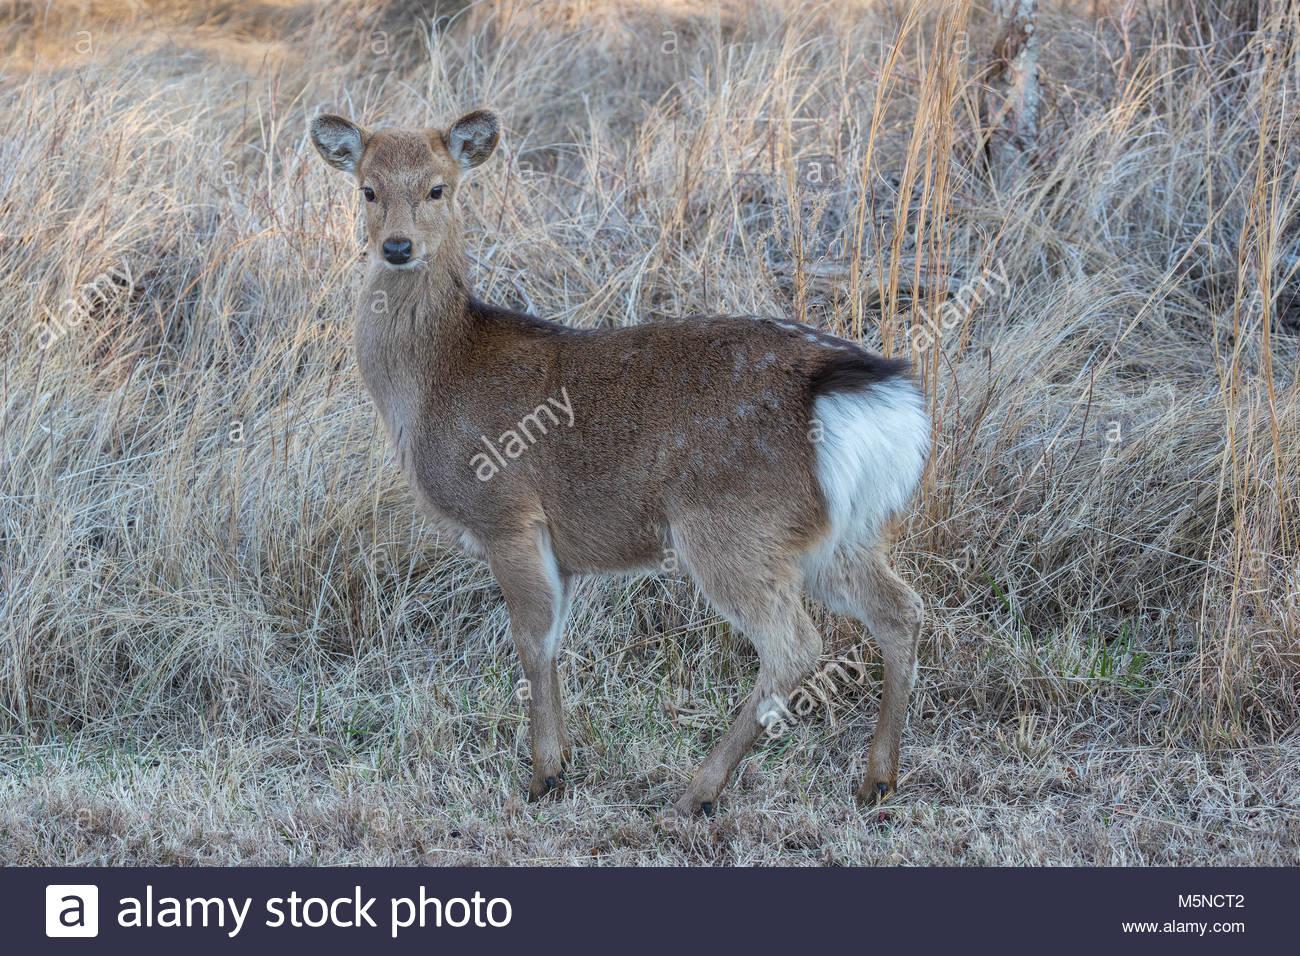 Ein Sika Hirsch (Cervus Nippon) stellt im Gras entlang einem Sumpf in das Chincoteague National Wildlife Refuge Stockbild